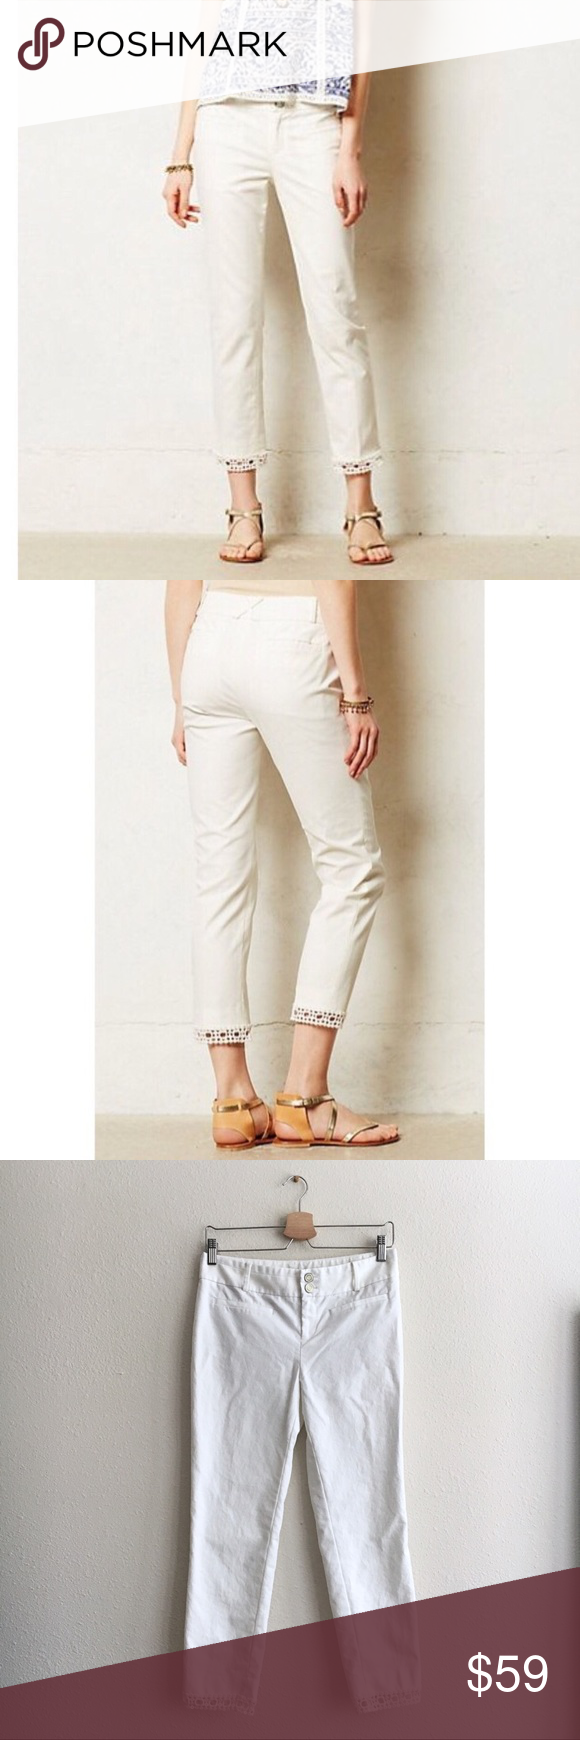 White lace capri pants White eyelet pants White ankle pants